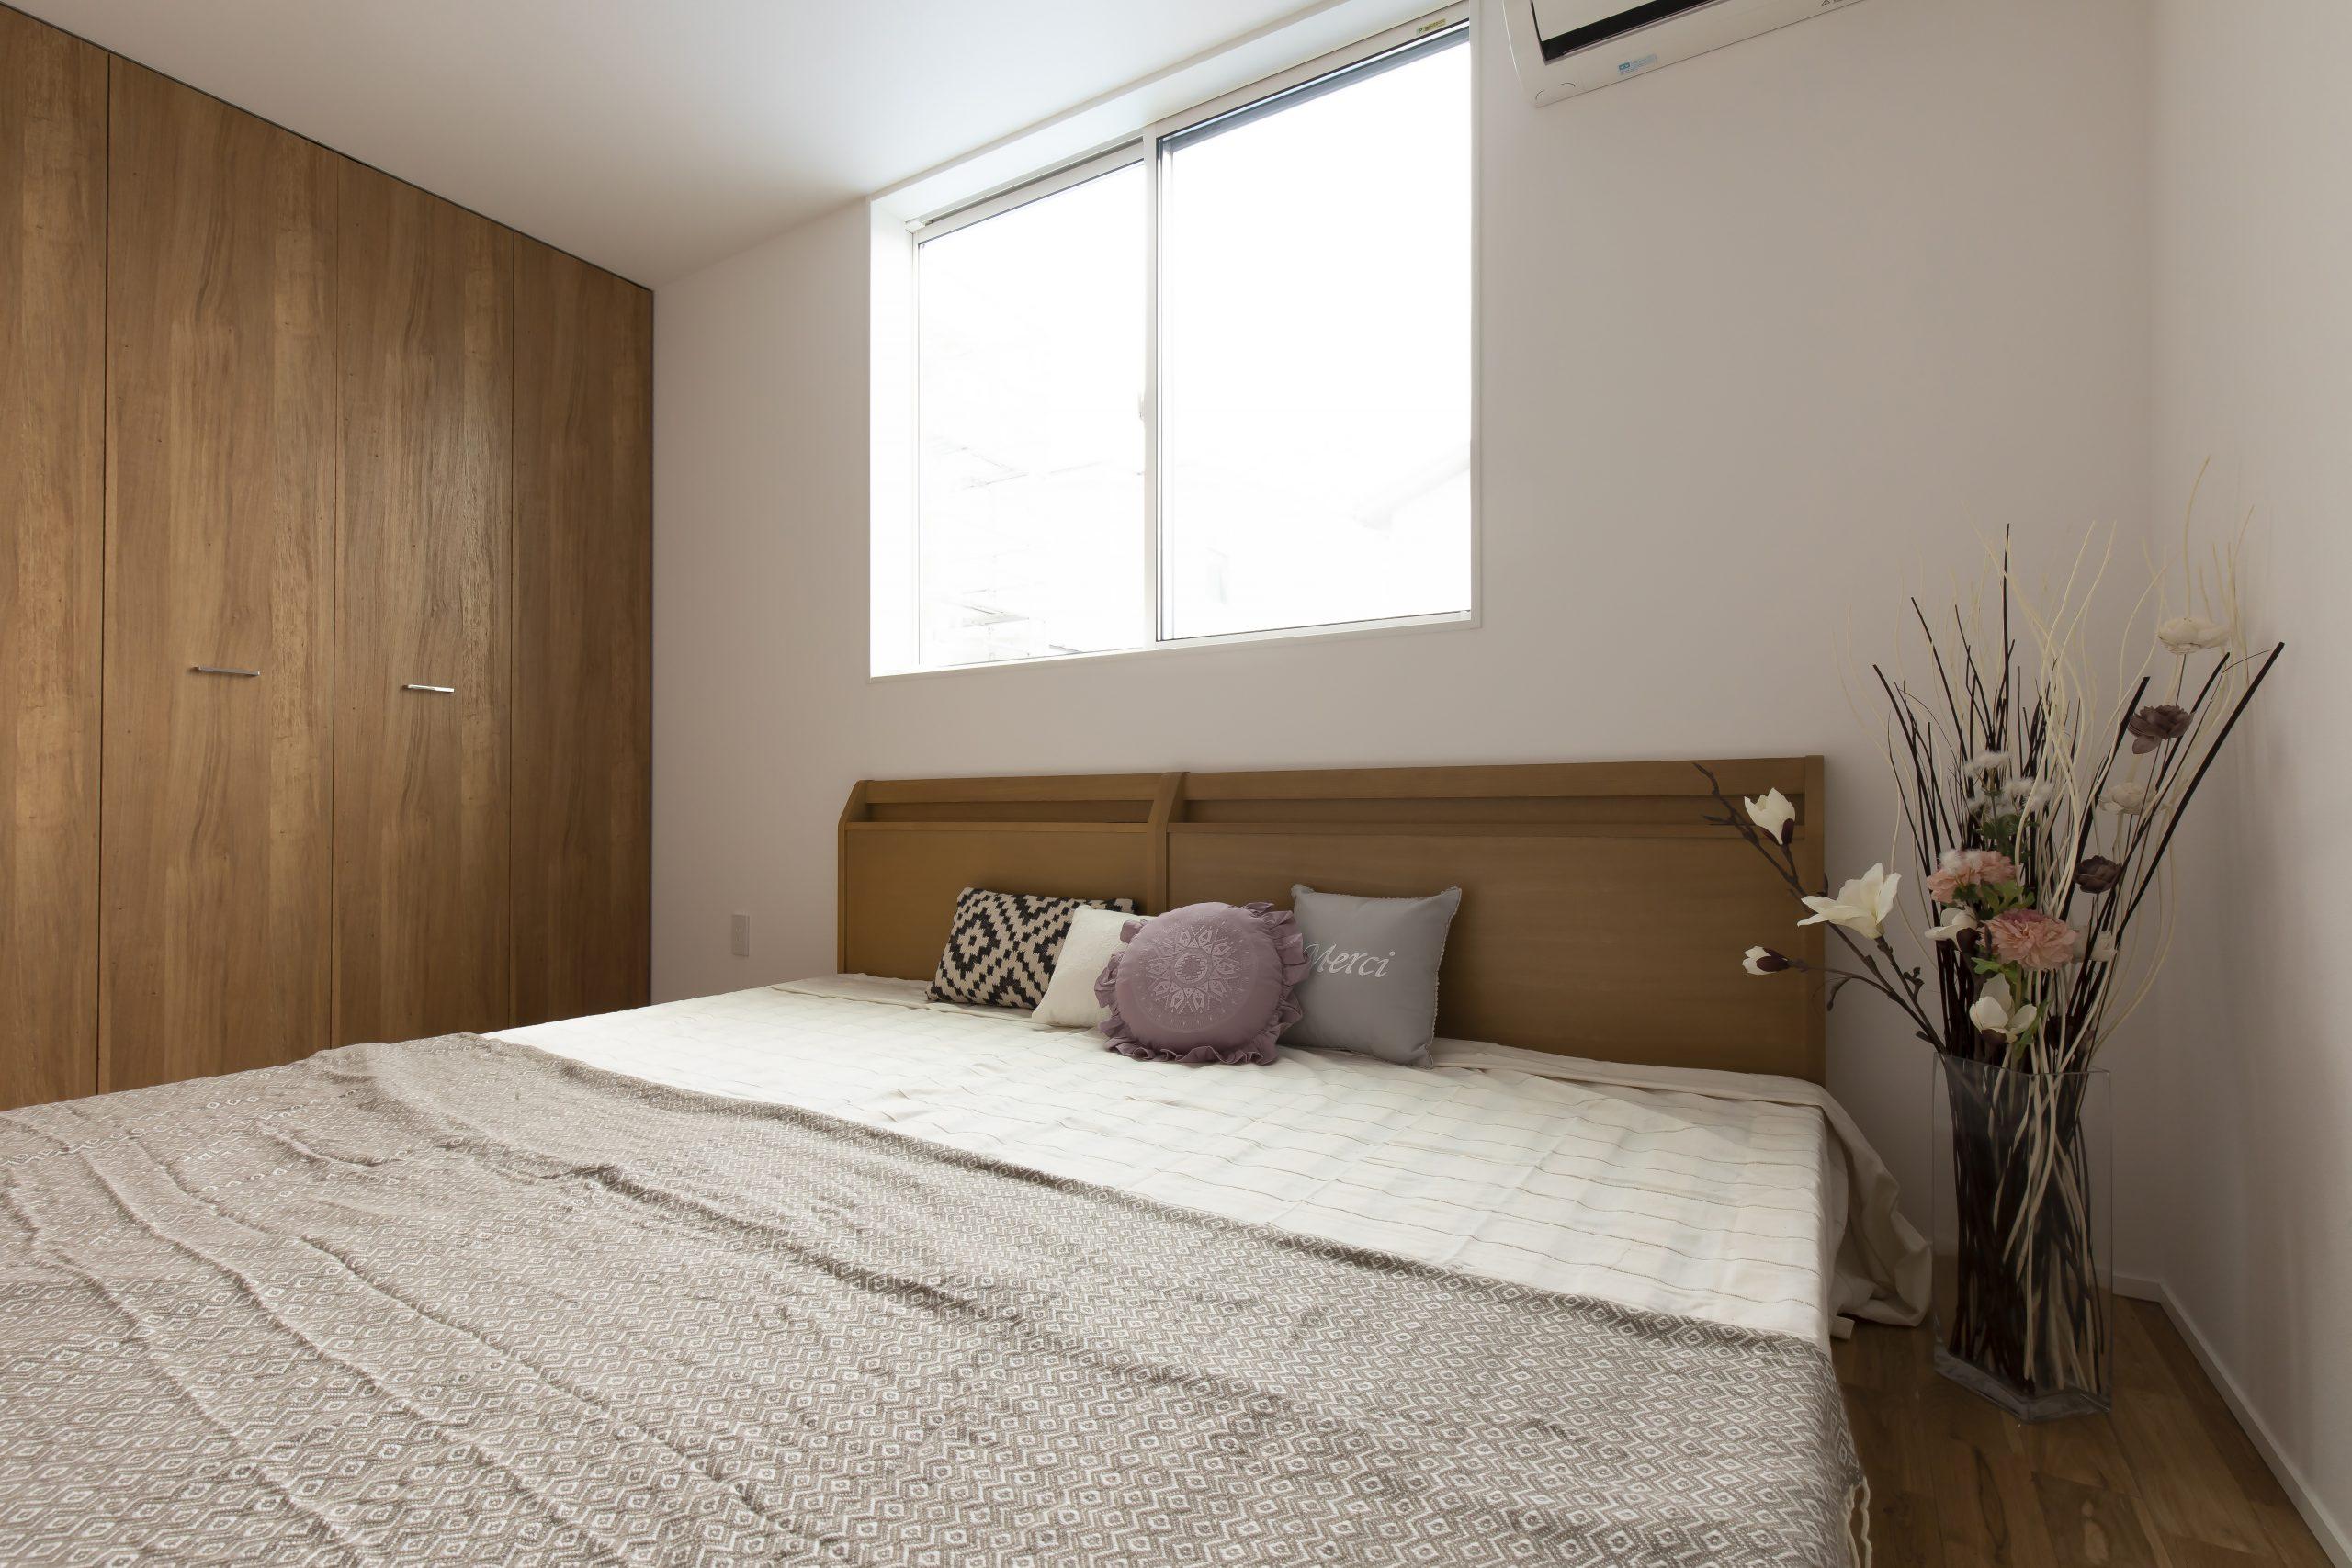 安眠できる!注文住宅の快適な寝室づくりのポイント